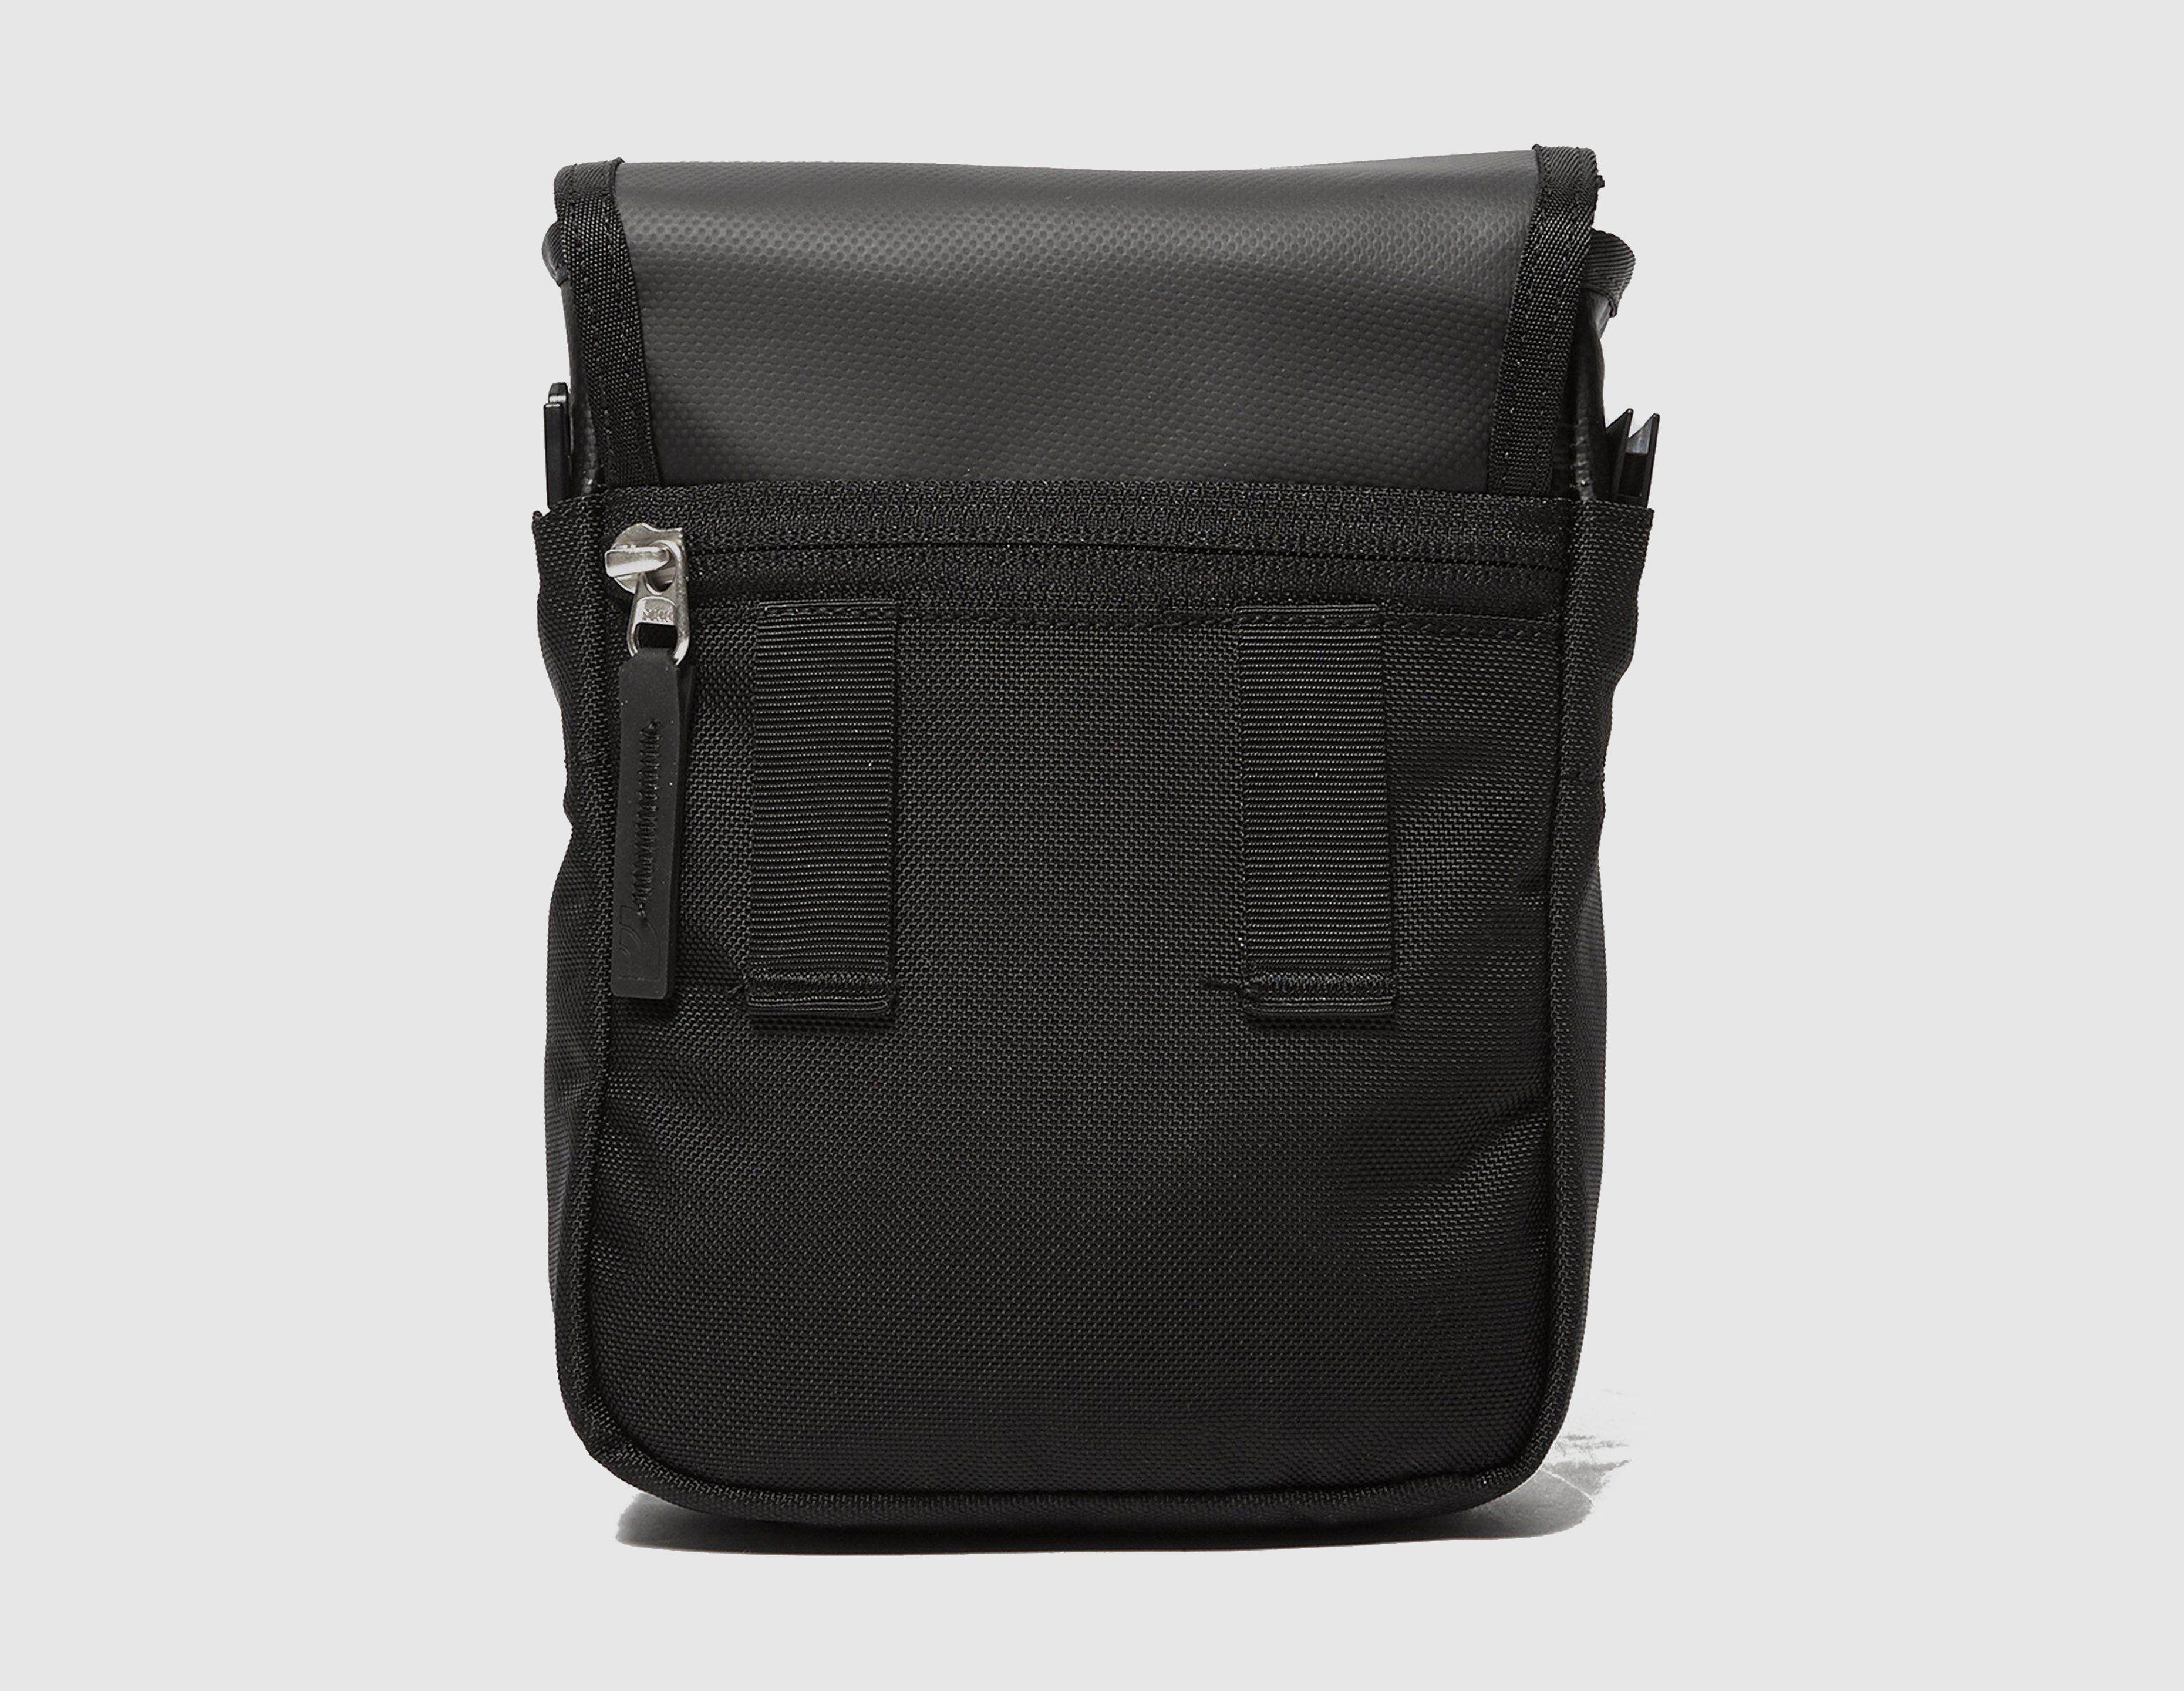 The North Face Bardu Messenger Bag